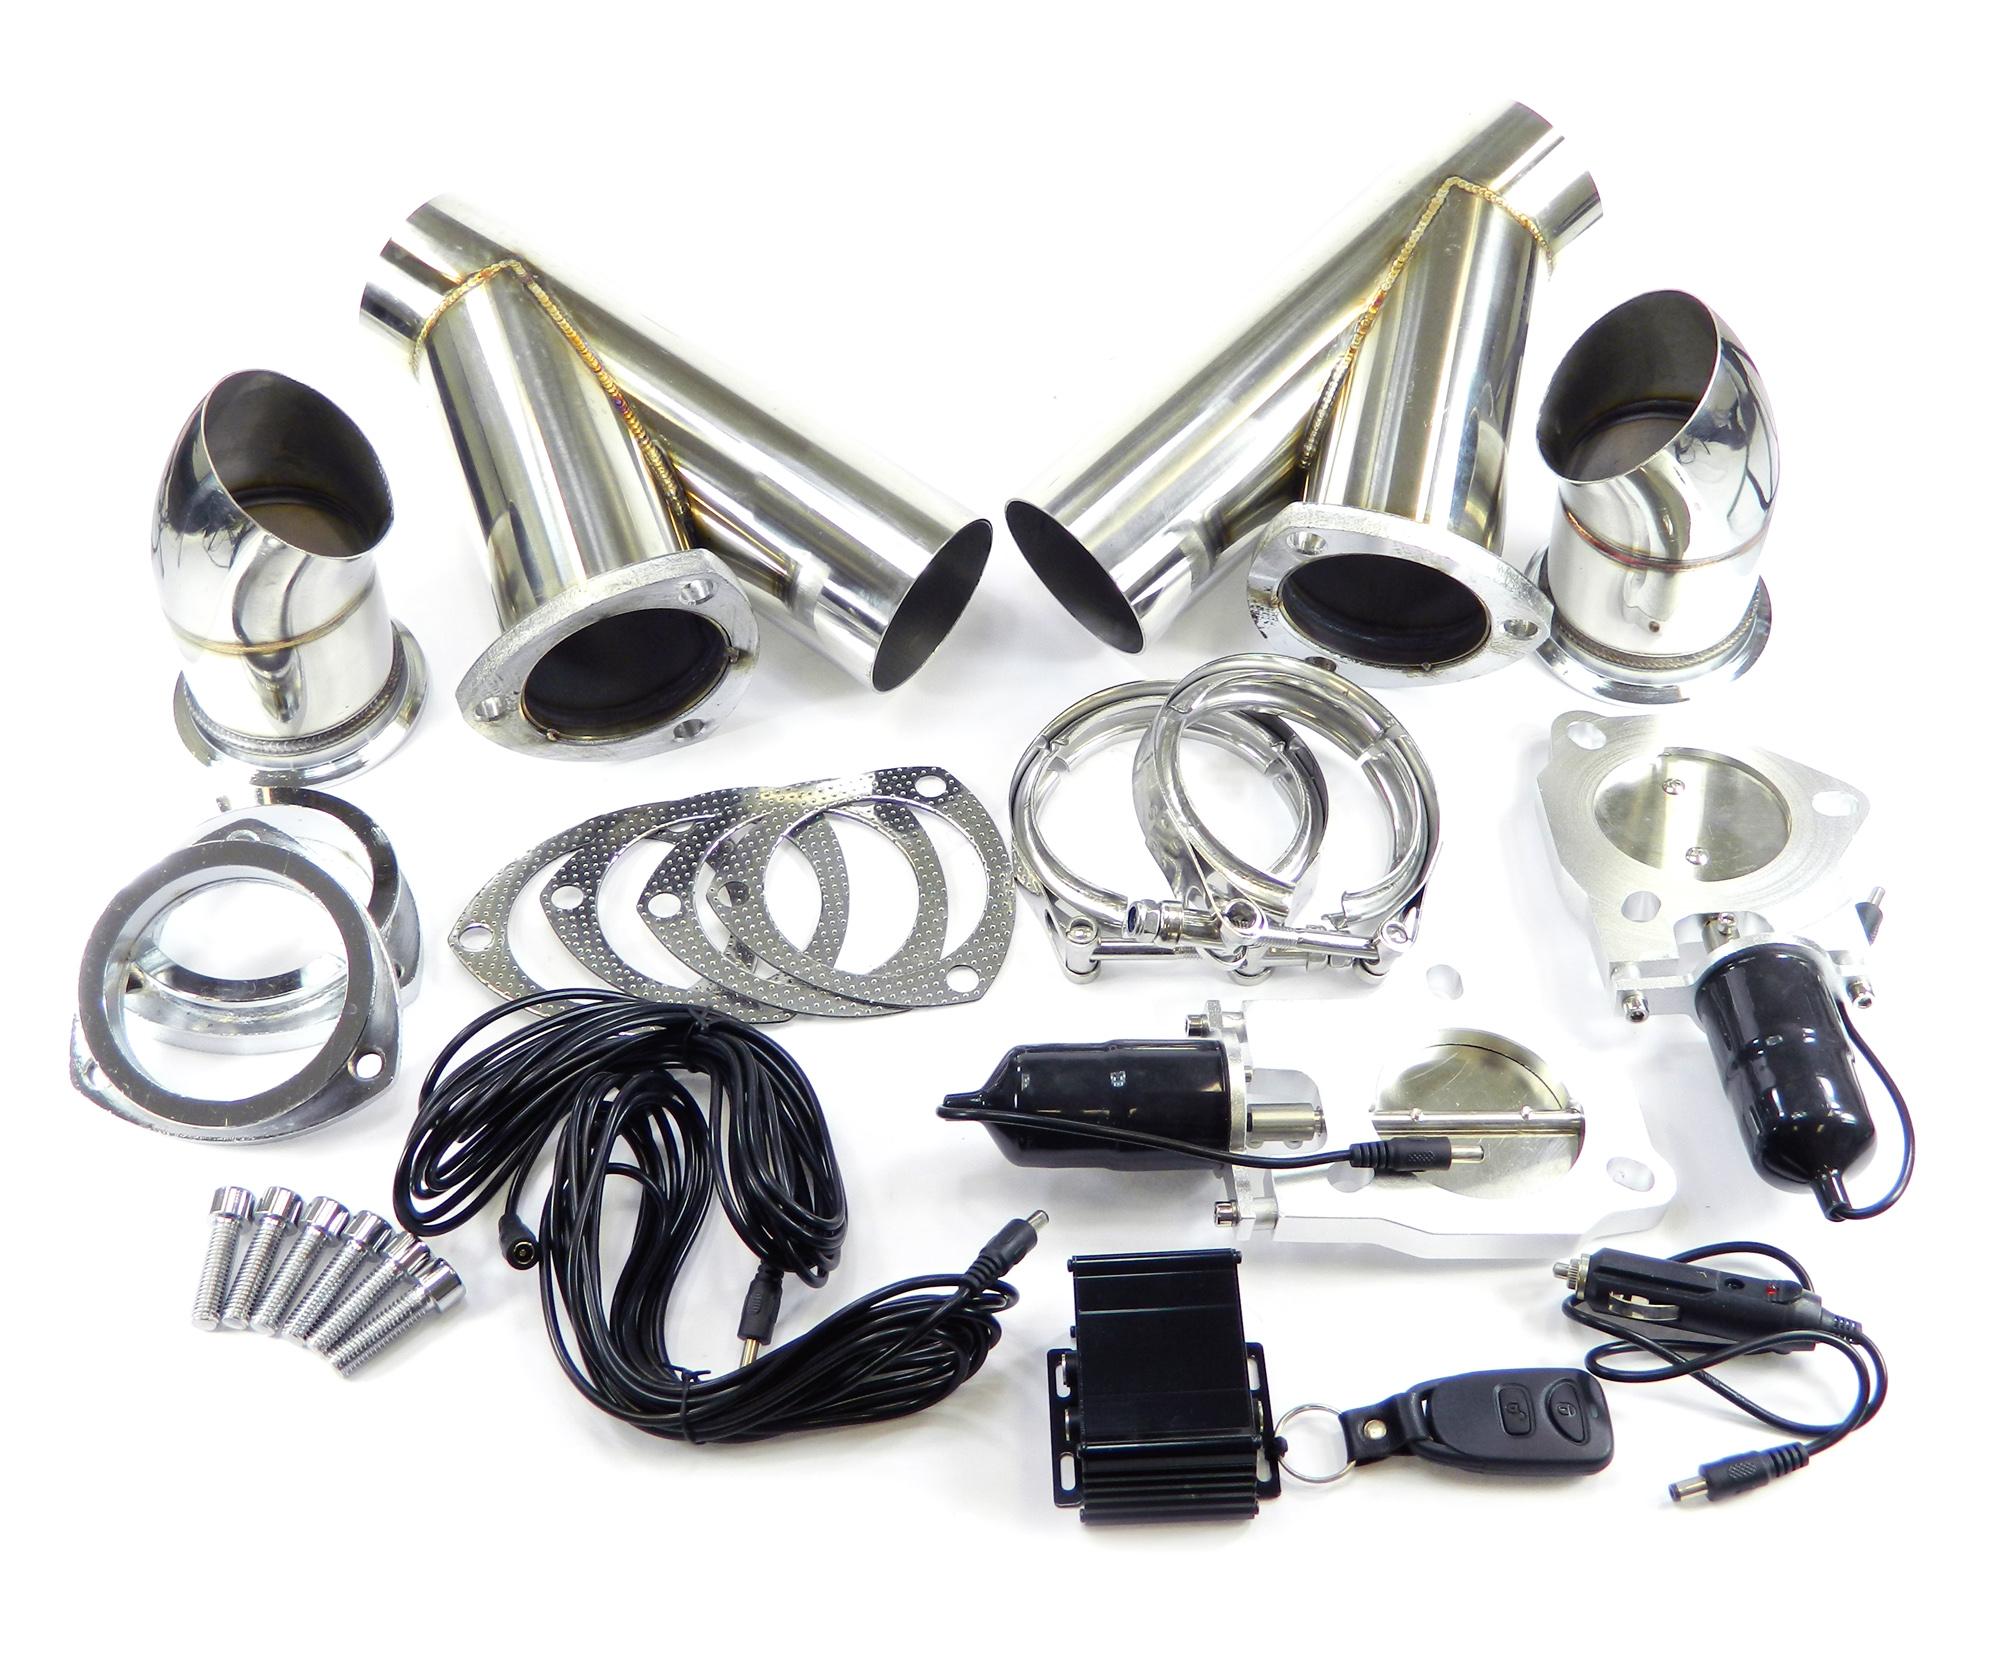 Duales Klappenauspuff-System mit Zusatzrohr, elektrisch inkl. Fernbedienung - 63mm Außendurchmesser